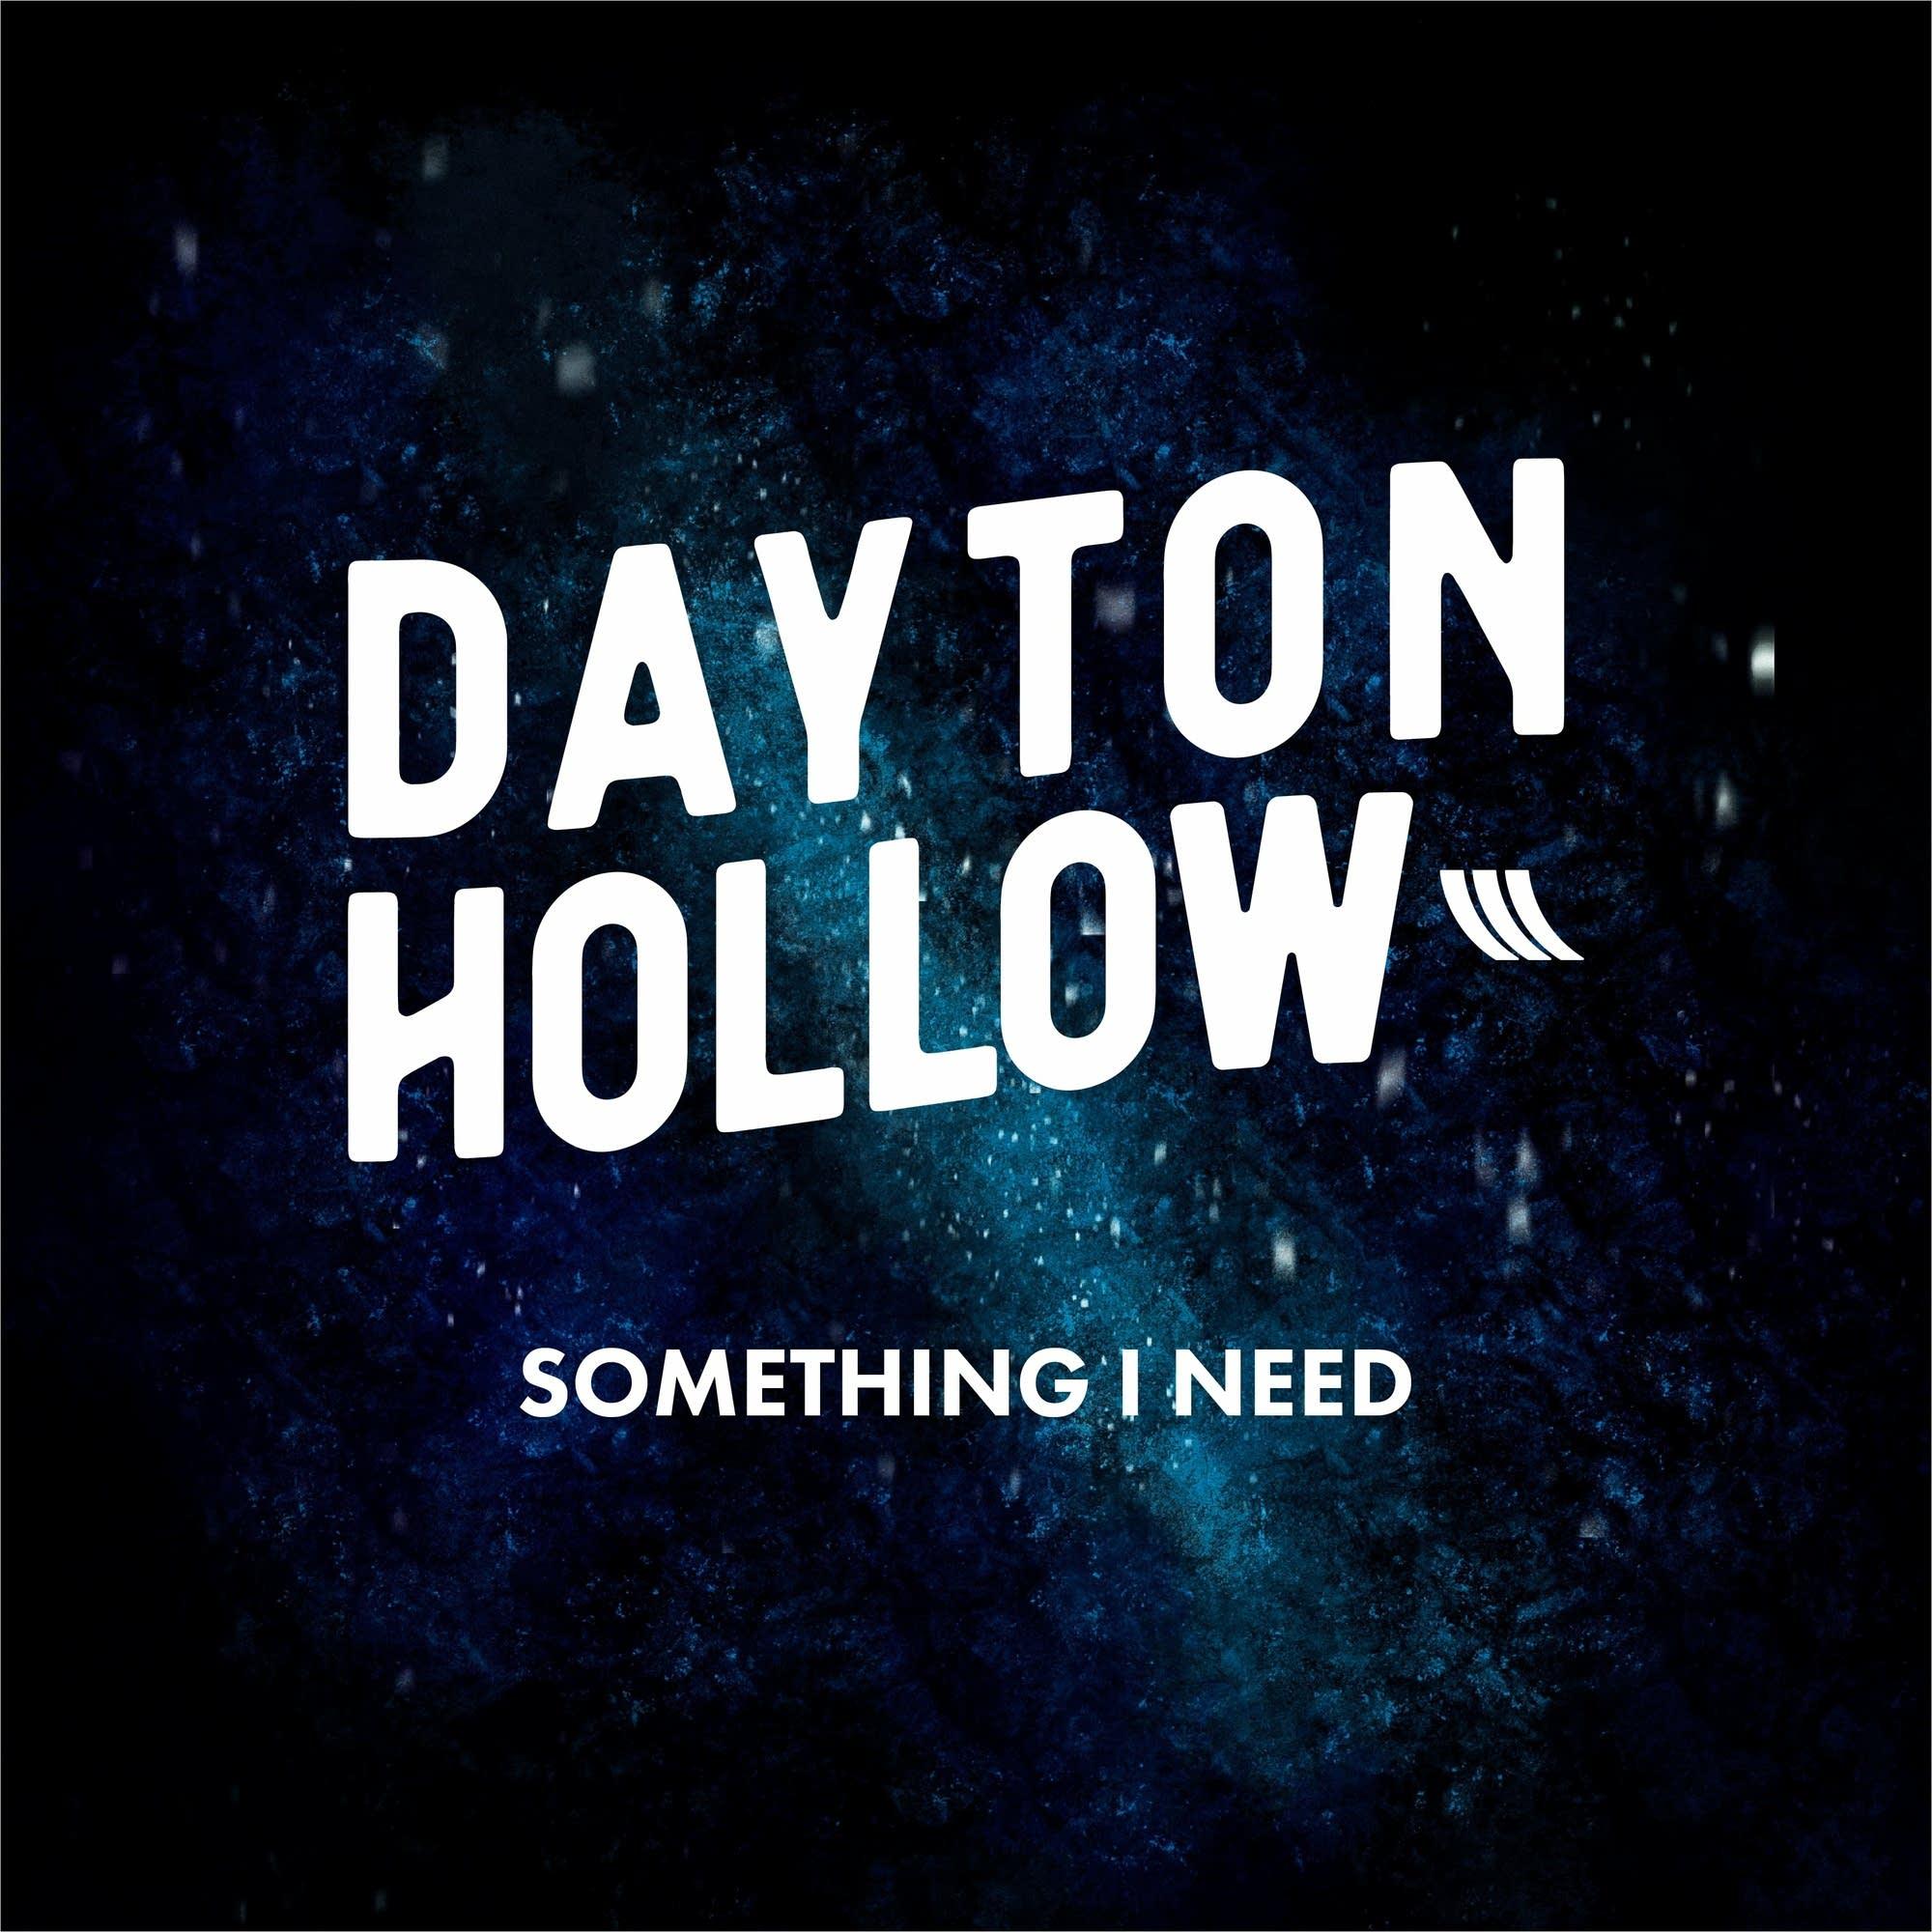 Dayton Hollow